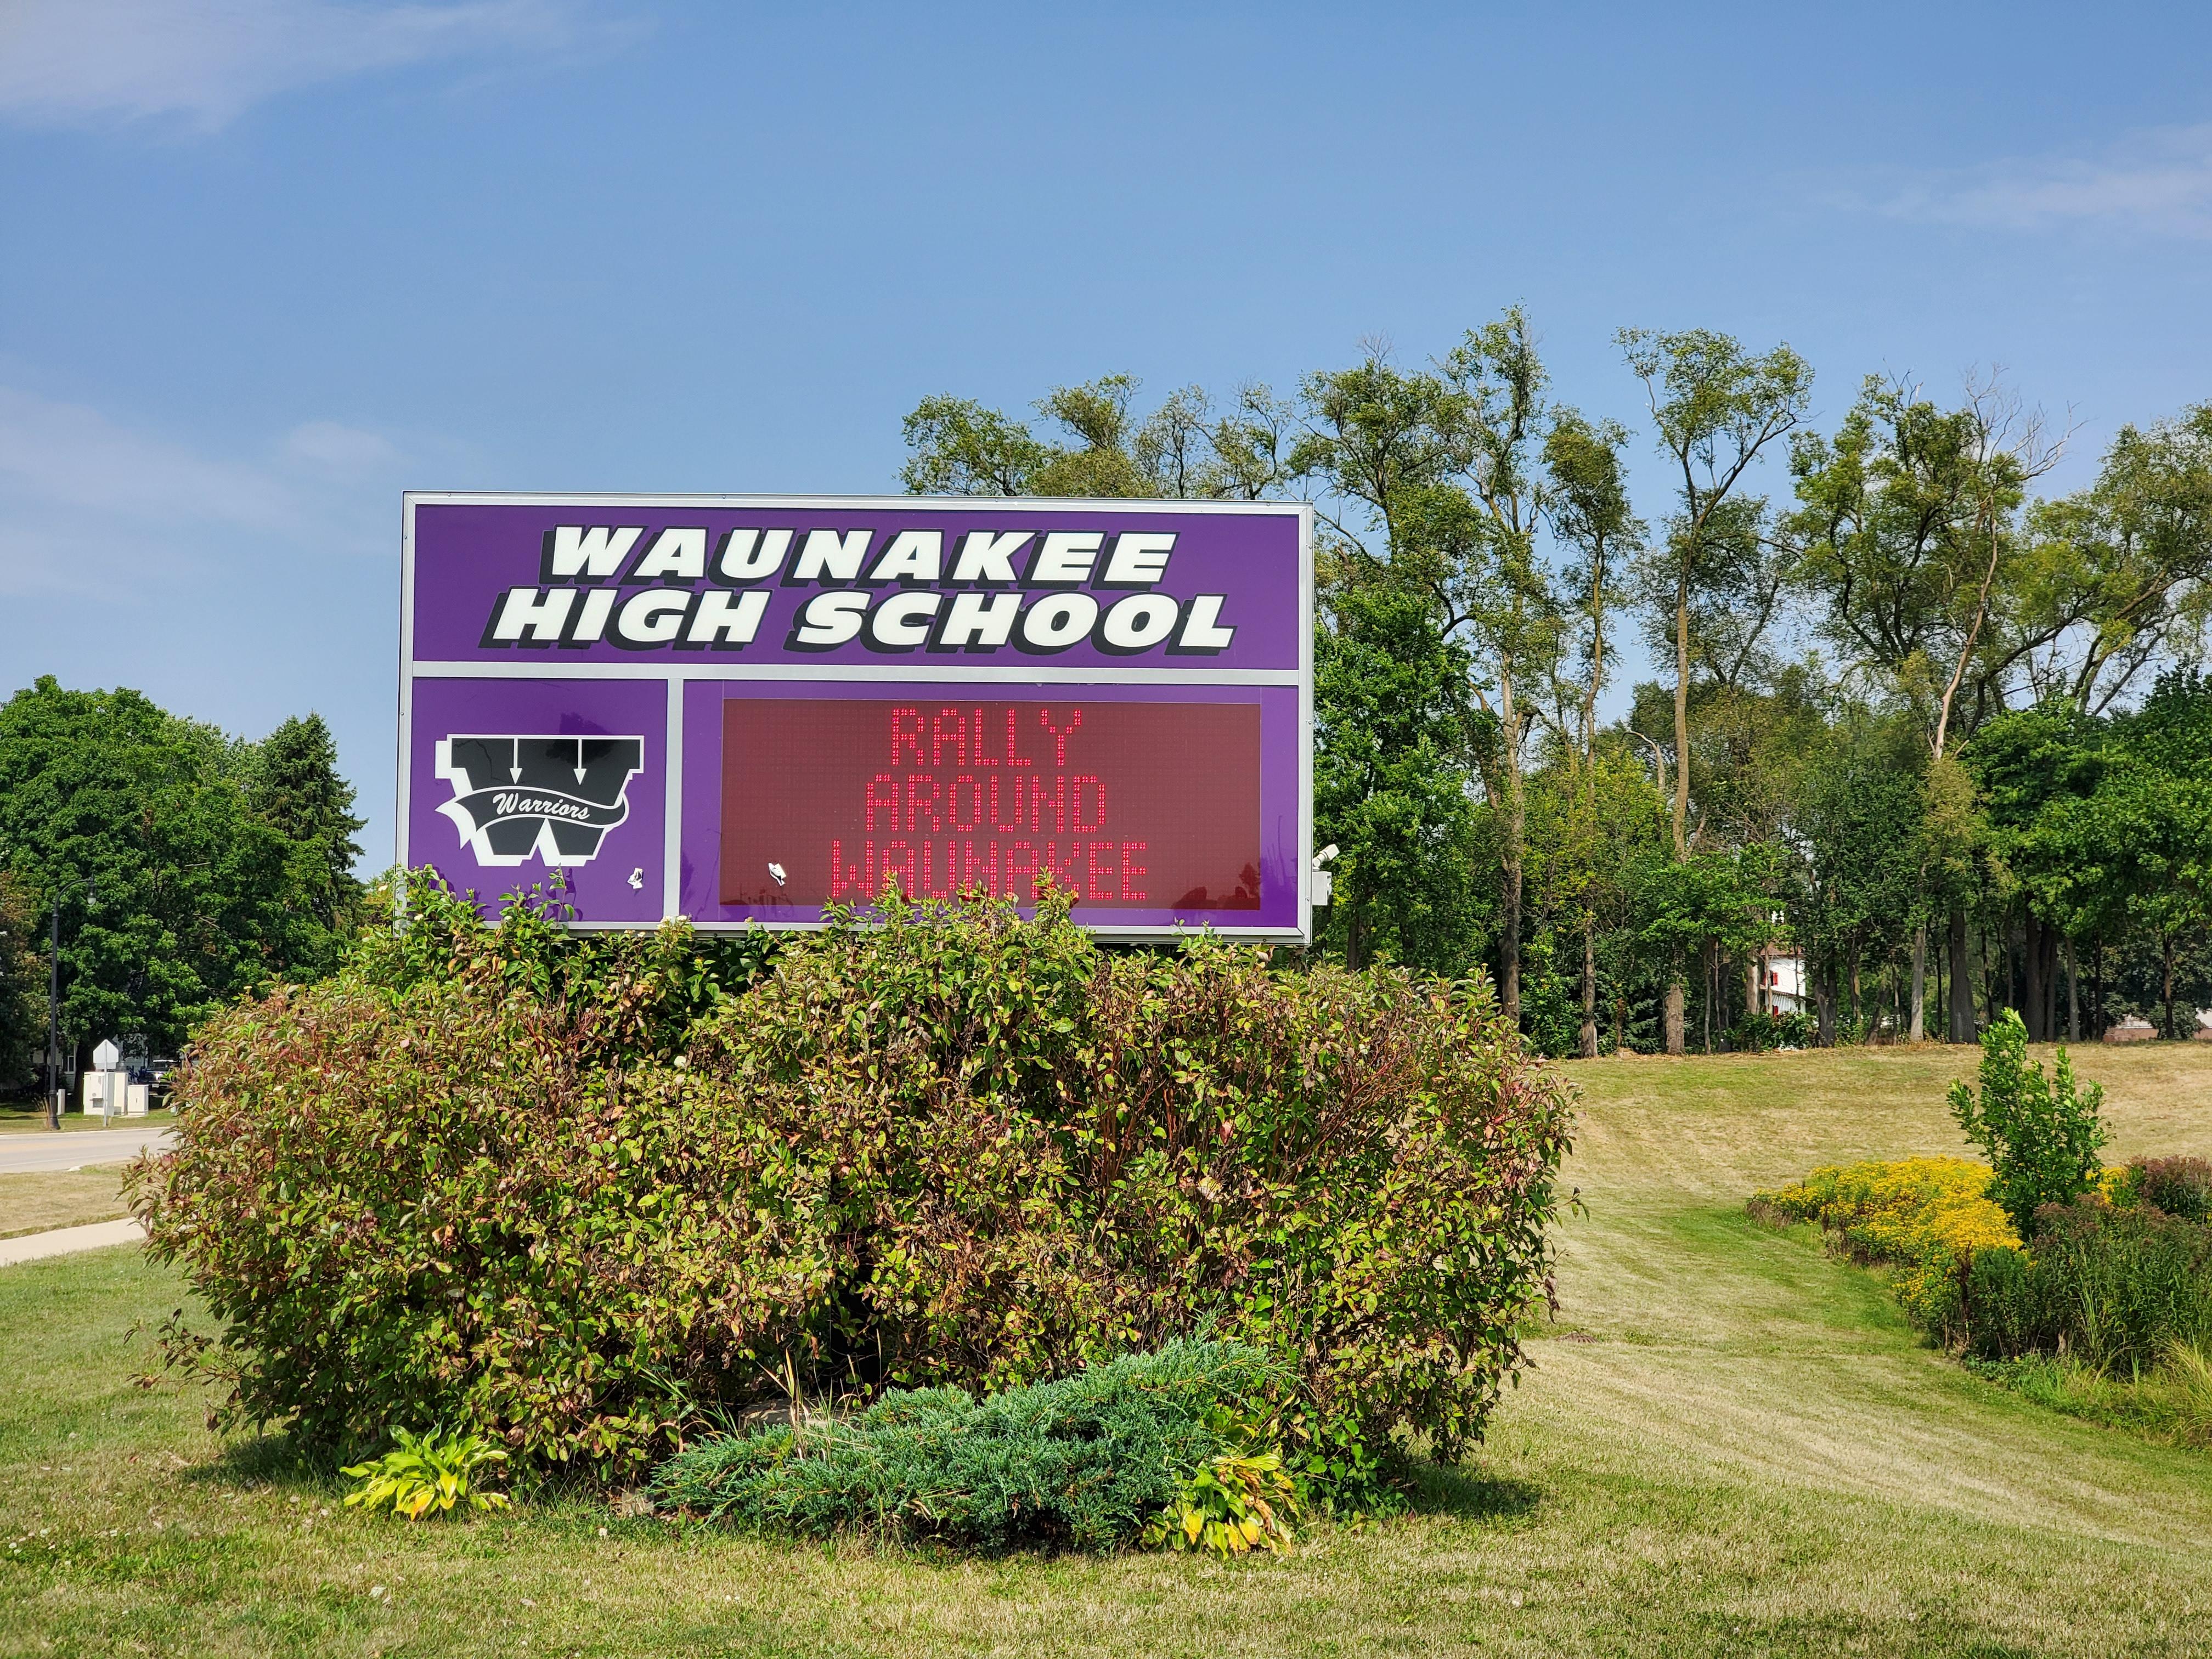 Waunakee6x.jpg